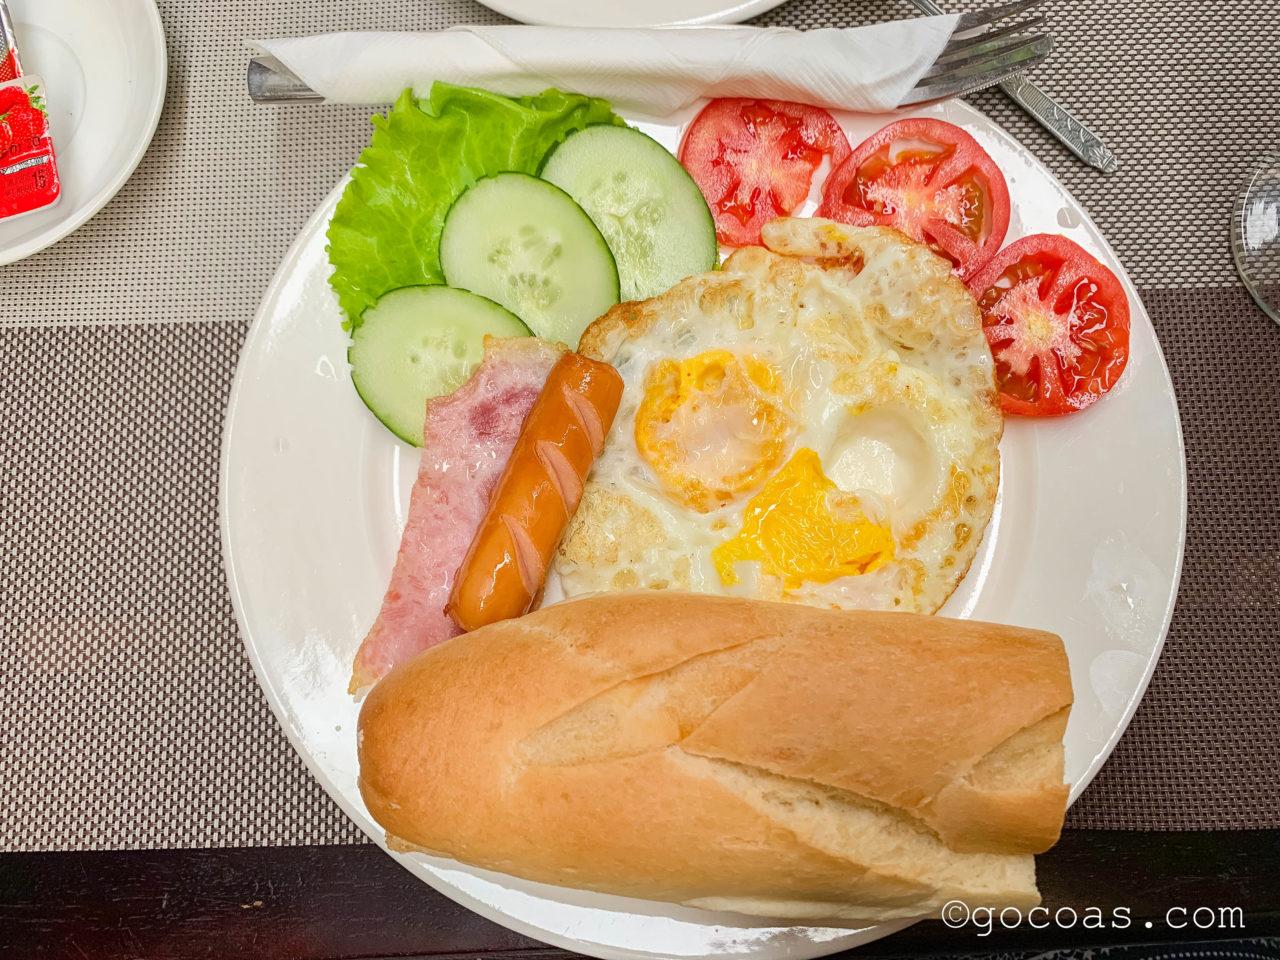 Villa Oudomlithの朝食のパンと卵とフルーツ